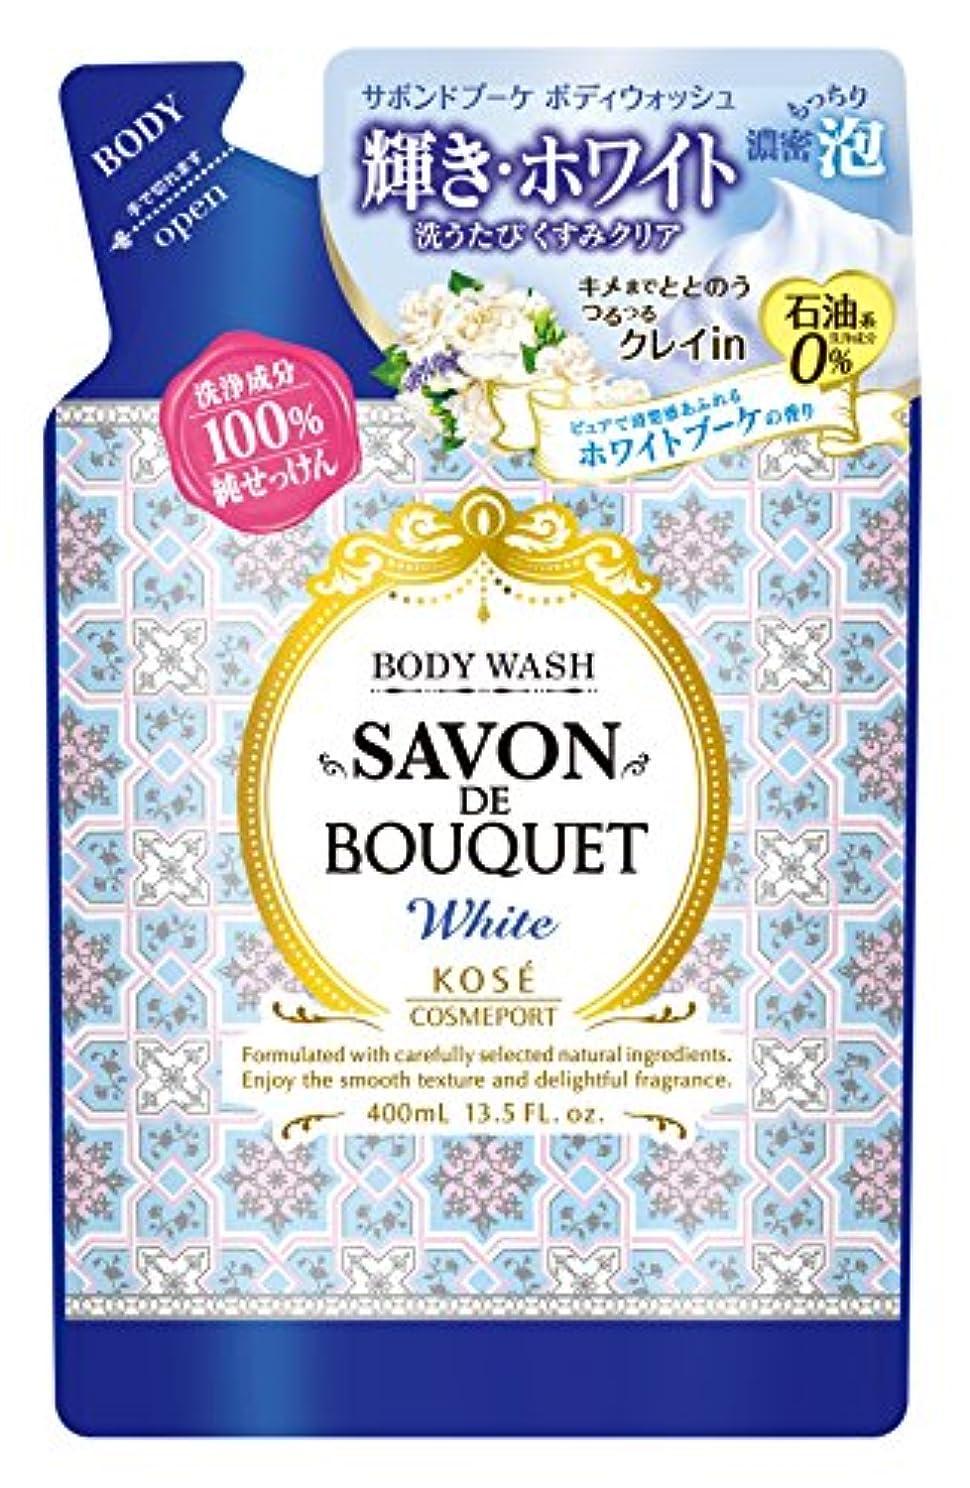 デコラティブ付録カレッジKOSE コーセー サボンドブーケ ホワイト ボディウォッシュ 100%純せっけん 詰め替え 400ml